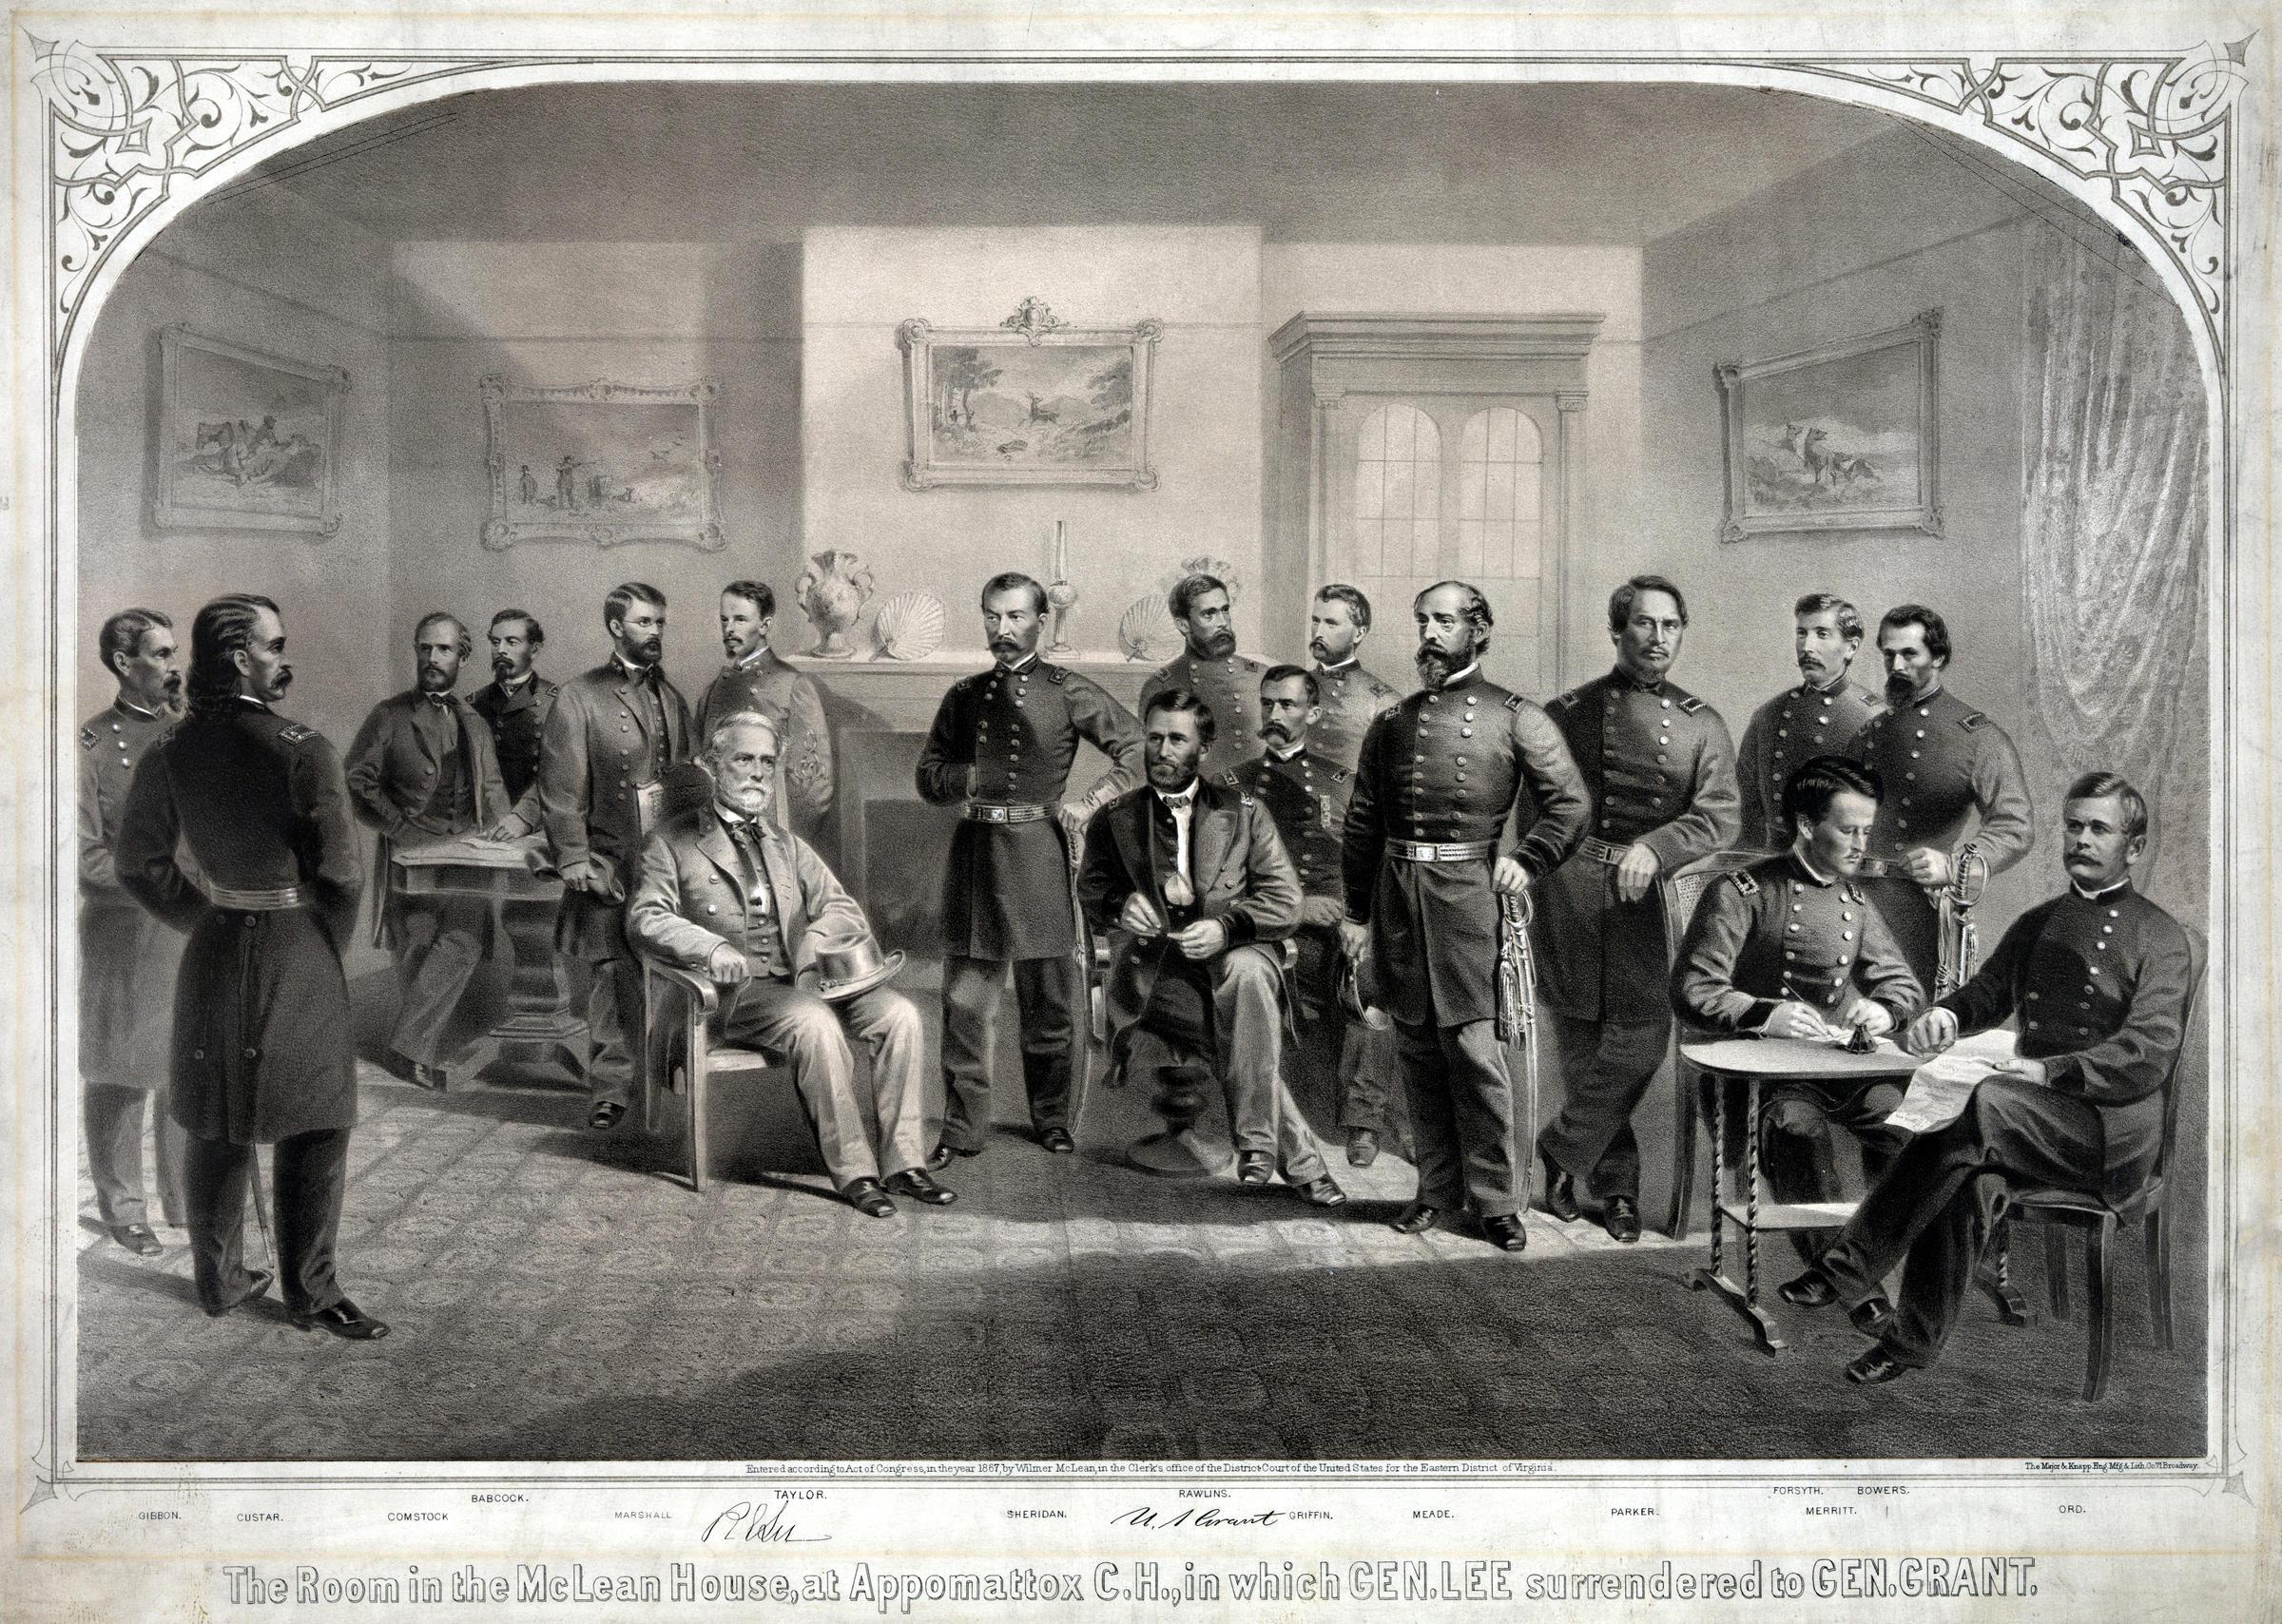 Bell Ringing Commemorates Lee's Surrender April 9, 1865